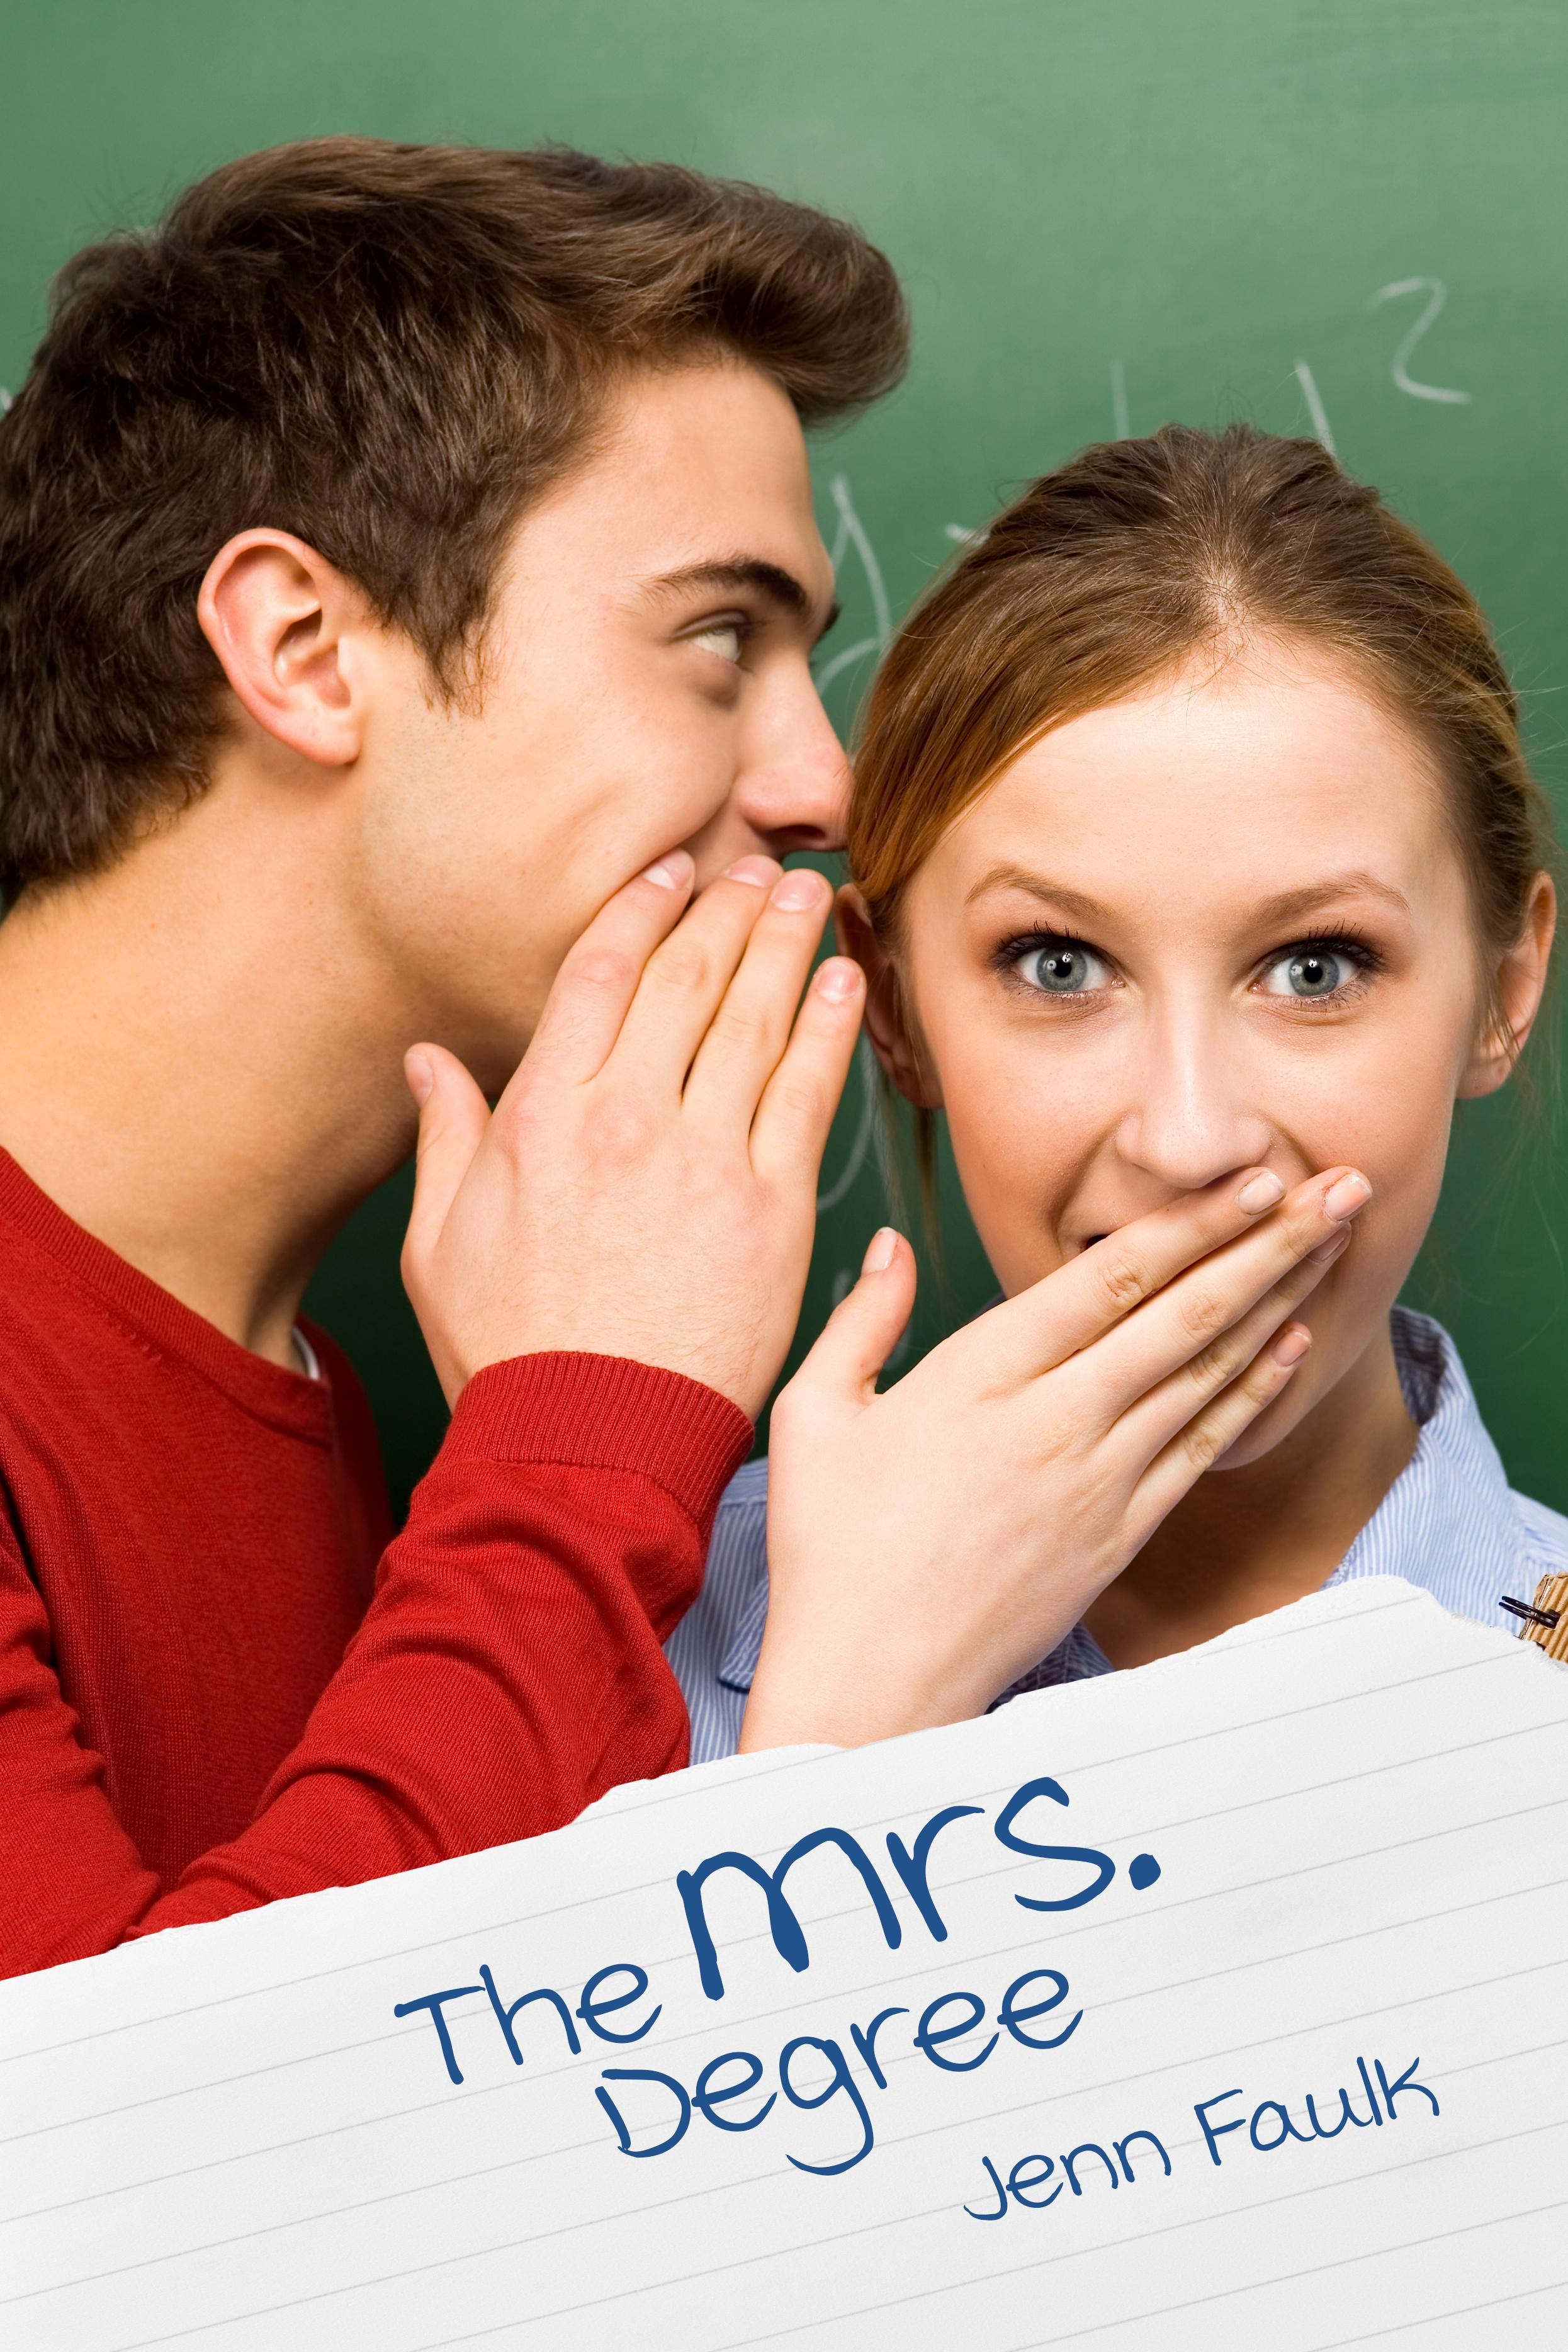 11222462 - students sharing secrets